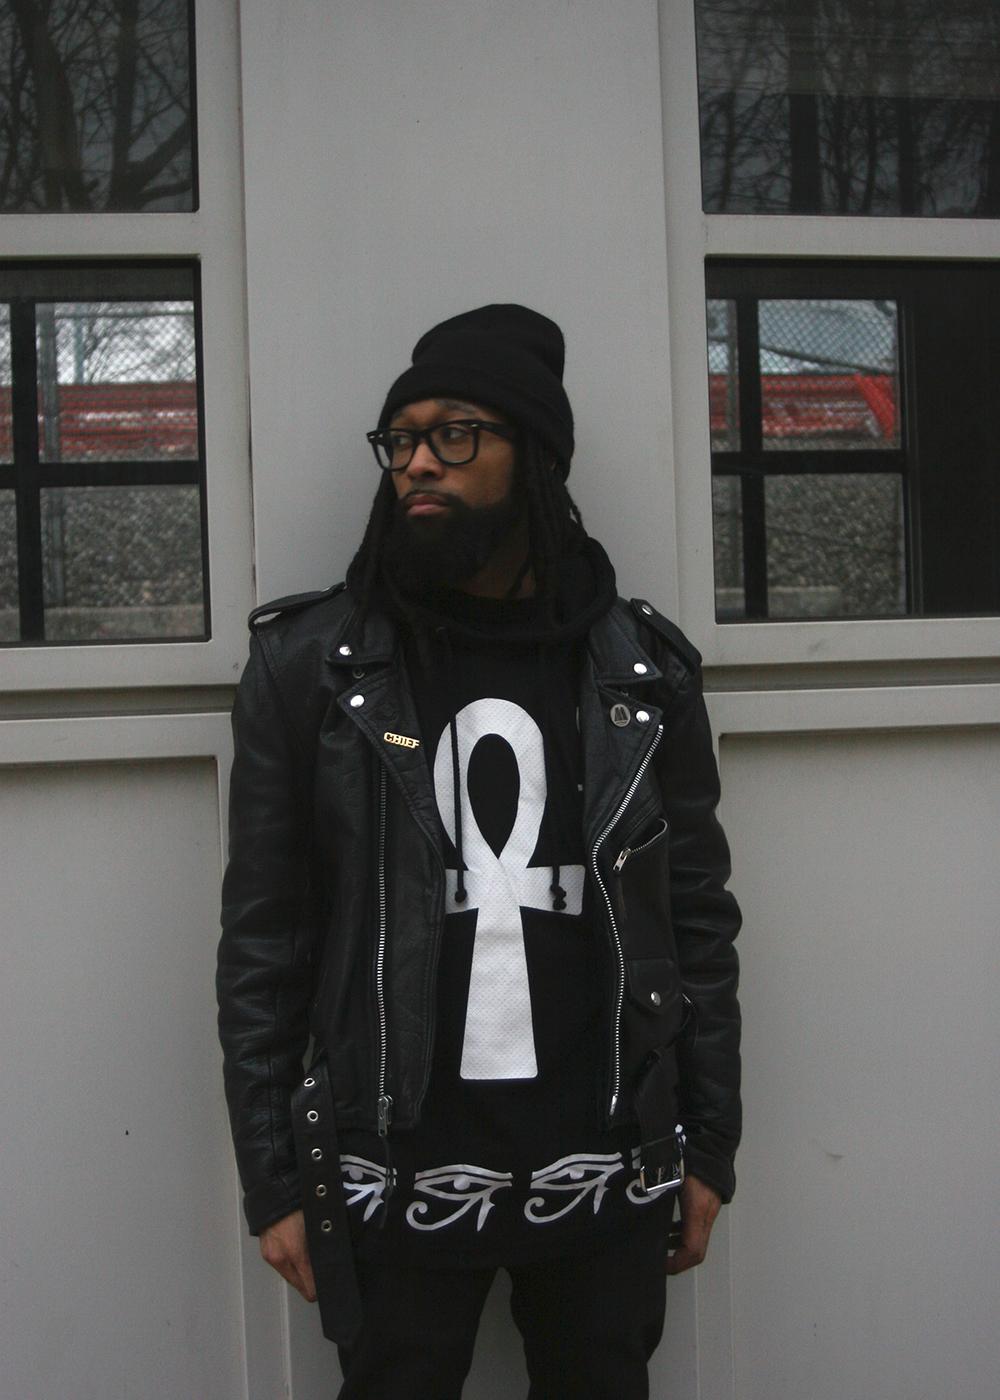 Nirvana (Mishka NYC  Men's Streetwear) Langston Black aka Lang$to Image 3